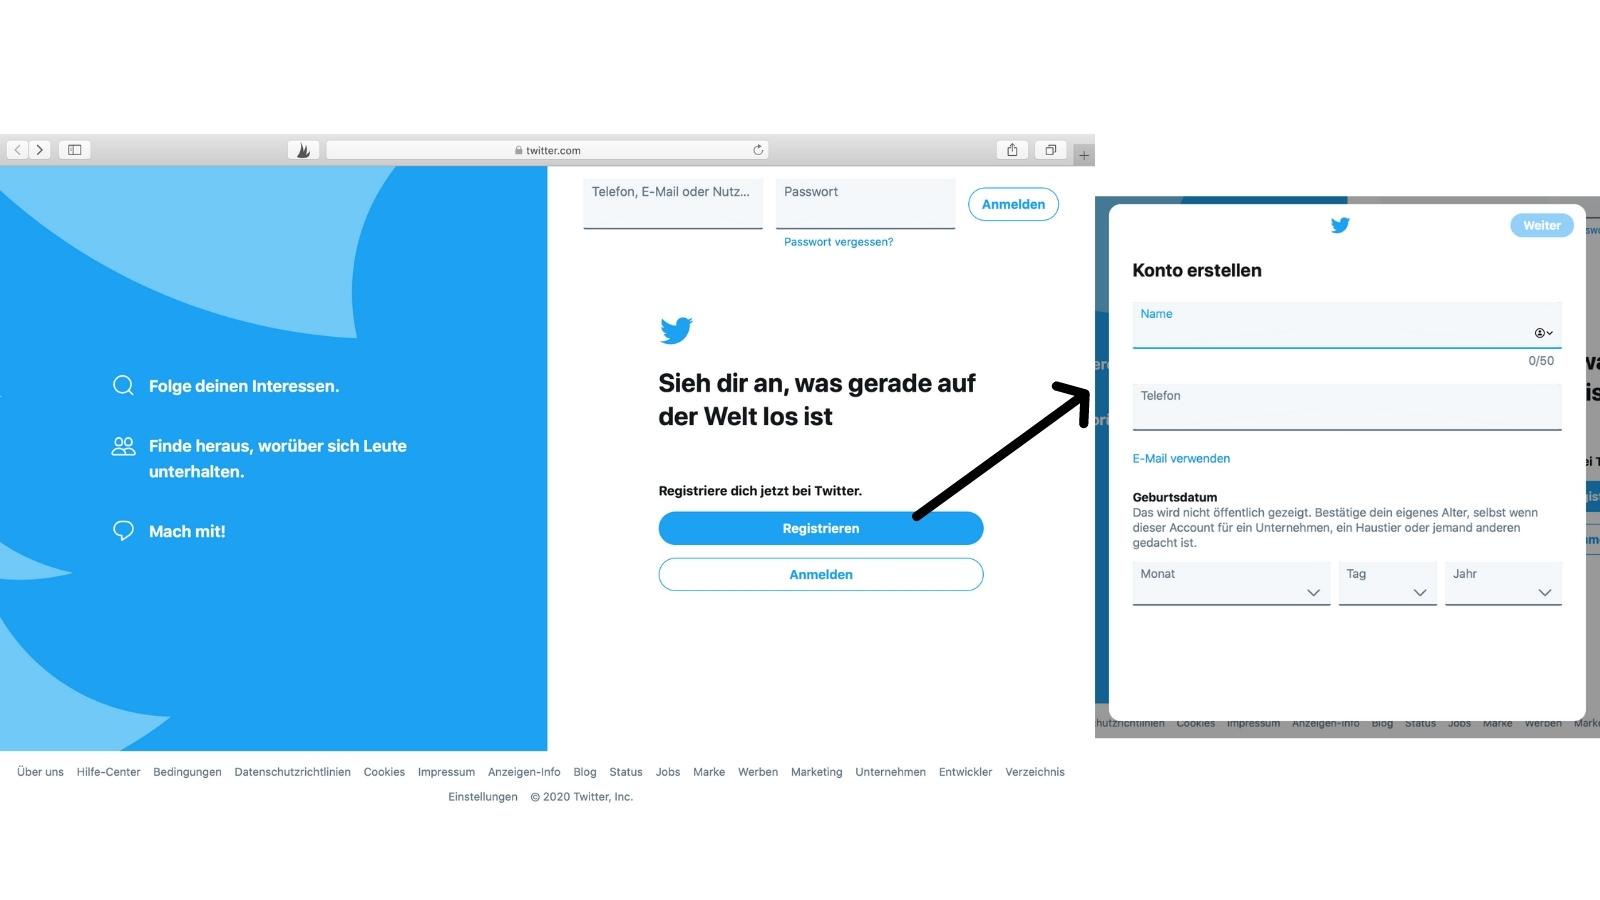 Über www.twitter.com registriert man sich auf der Plattform, legt einen Accountnamen und ein Passwort fest. Der Account wird über eine Bestätigungs-E-Mail verifiziert. (Screenshot: Valerie Wagner)